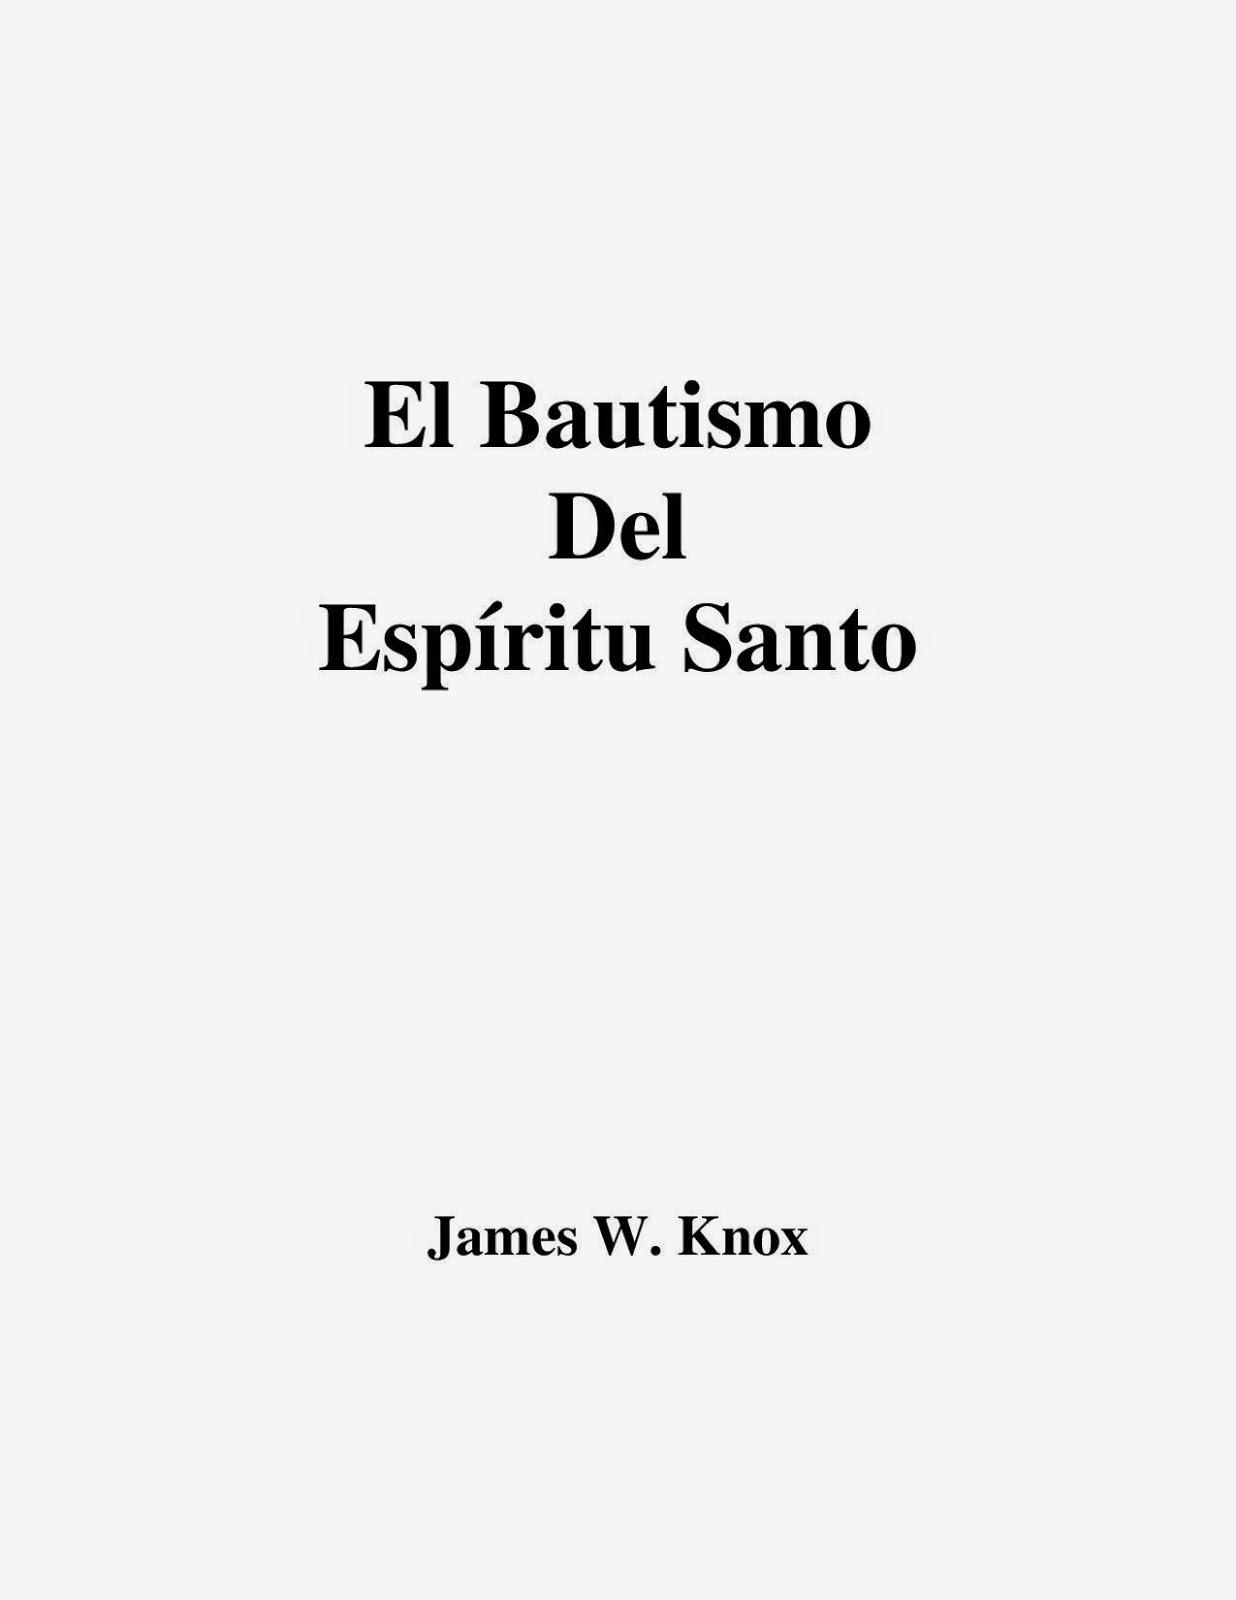 James W. Knox-El Bautismo Del Espíritu Santo-